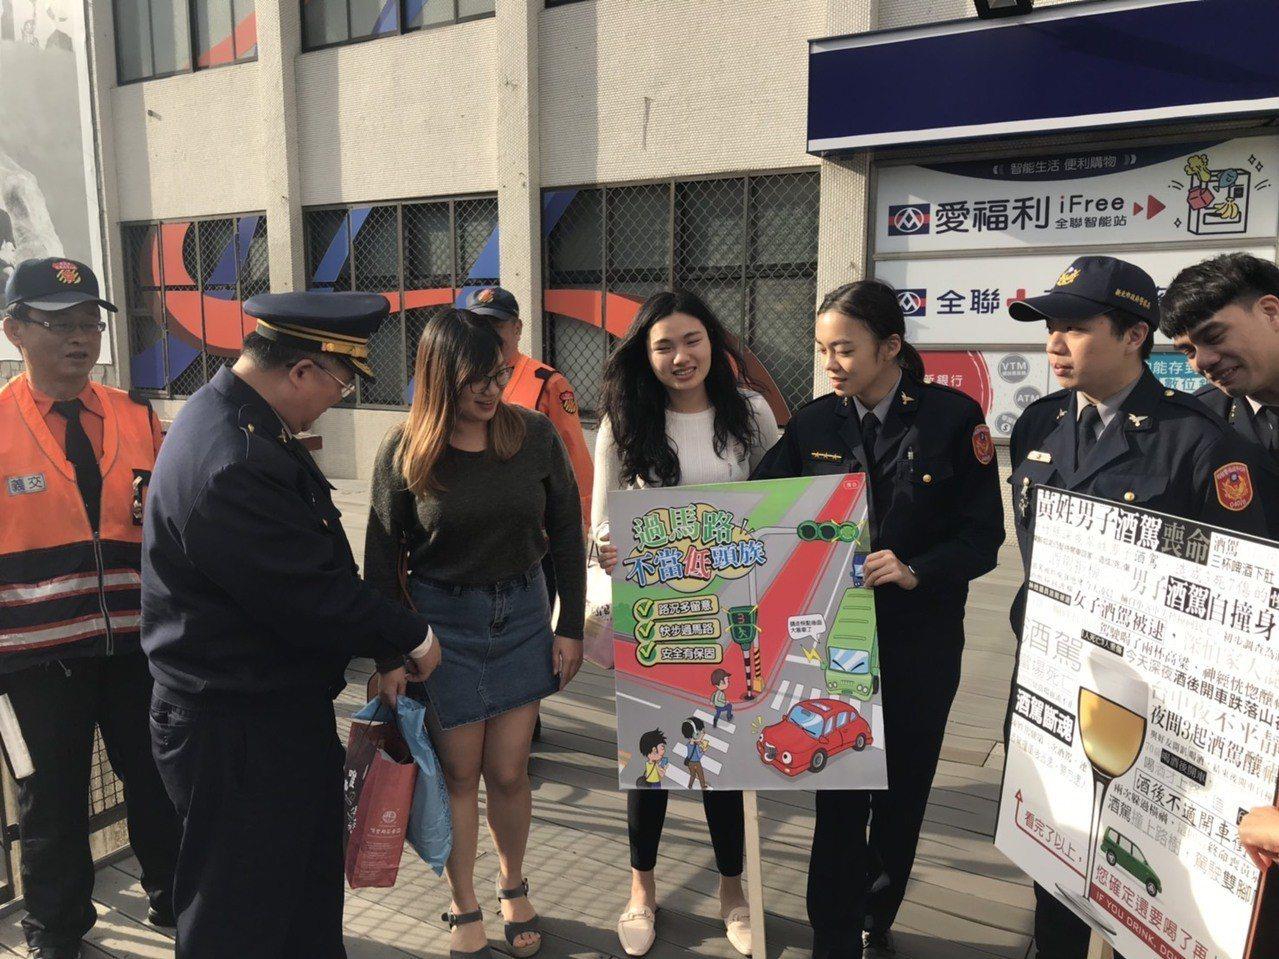 輔大前也設有宣導點,年輕女學生路過也被吸引停下腳步。記者巫鴻瑋/攝影